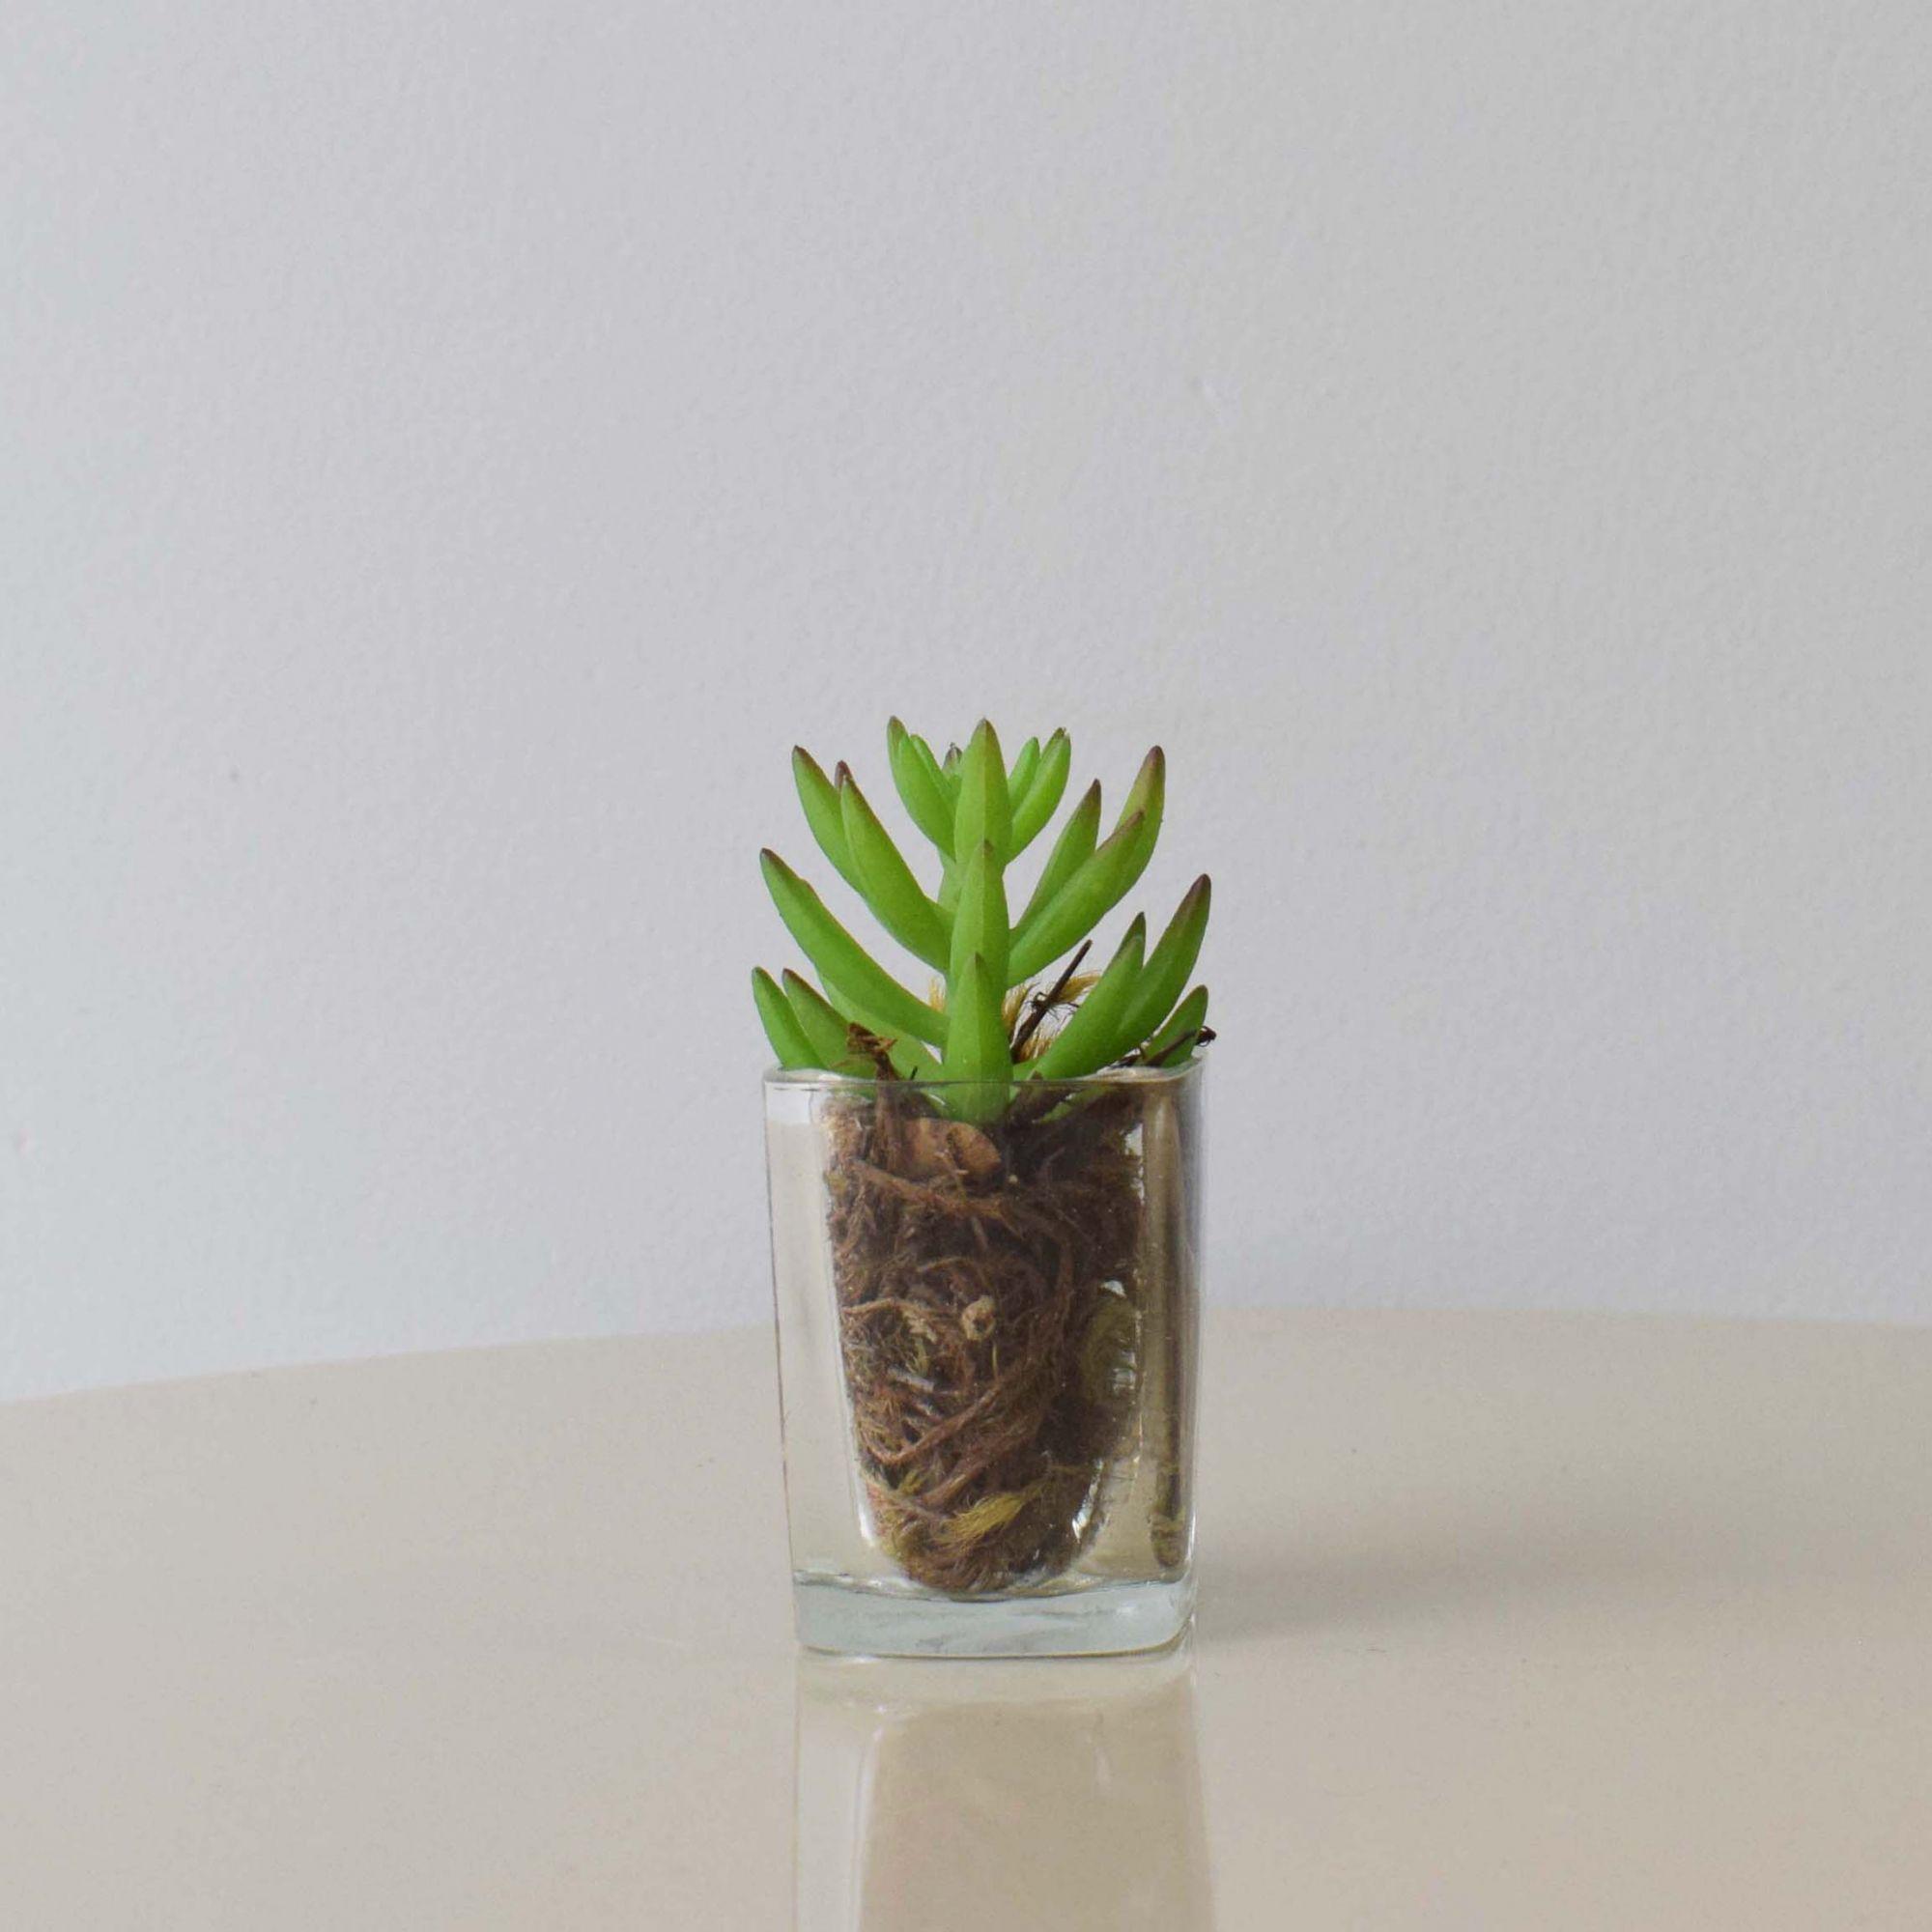 Arranjo de Mini Suculenta no Vaso de Vidro